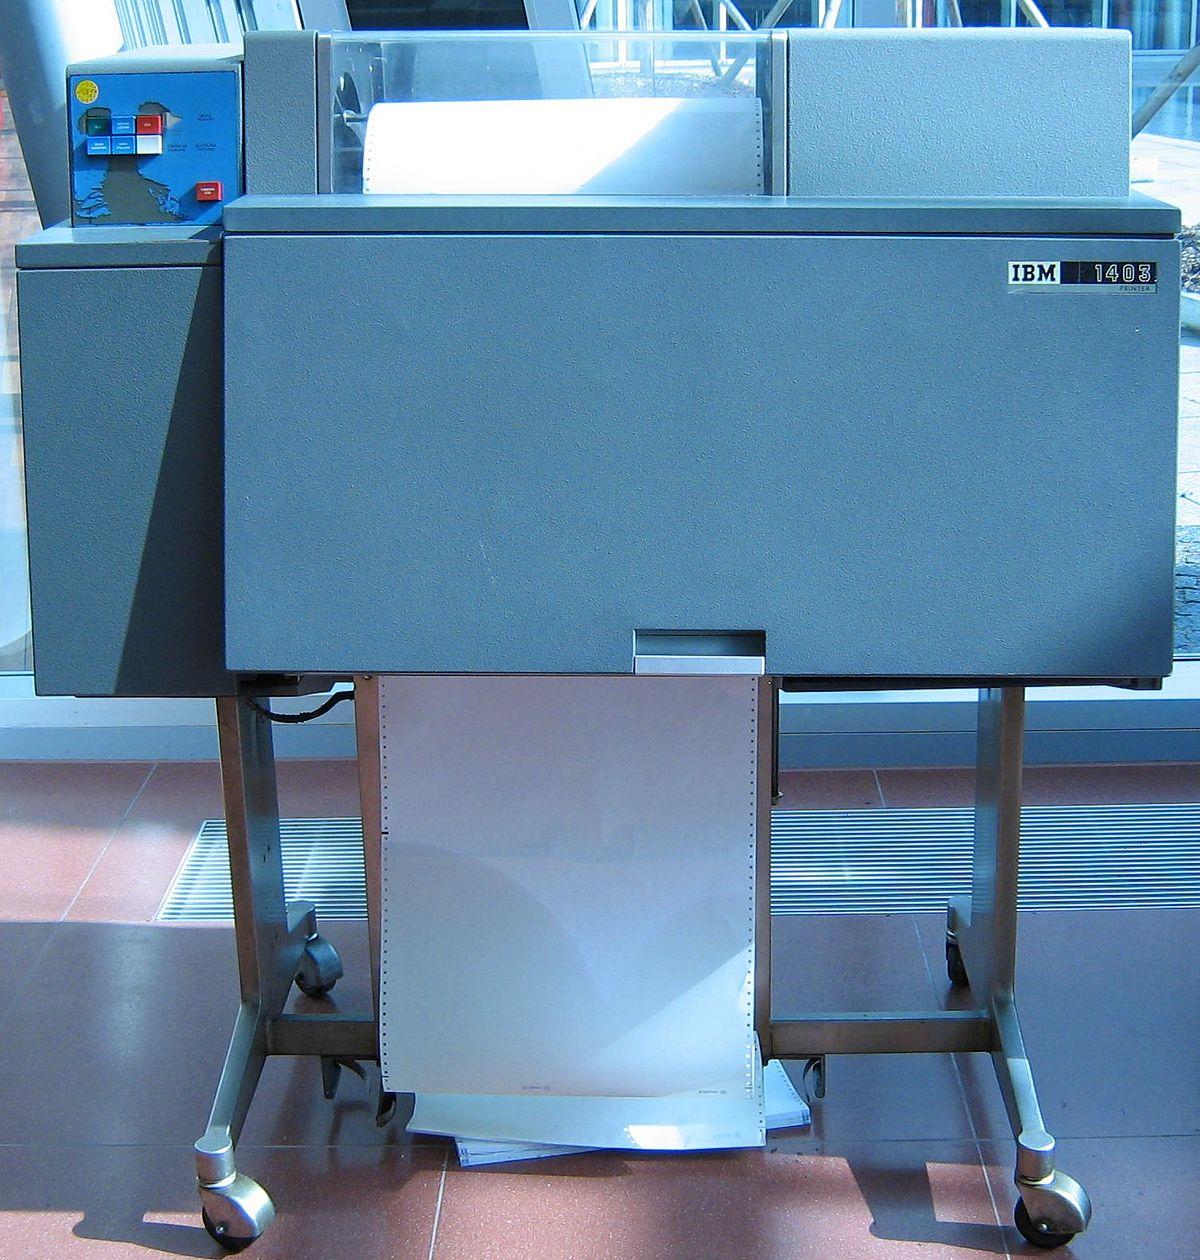 TallyGenicom T6050 (132 Column Printer) Drivers for Windows Mac